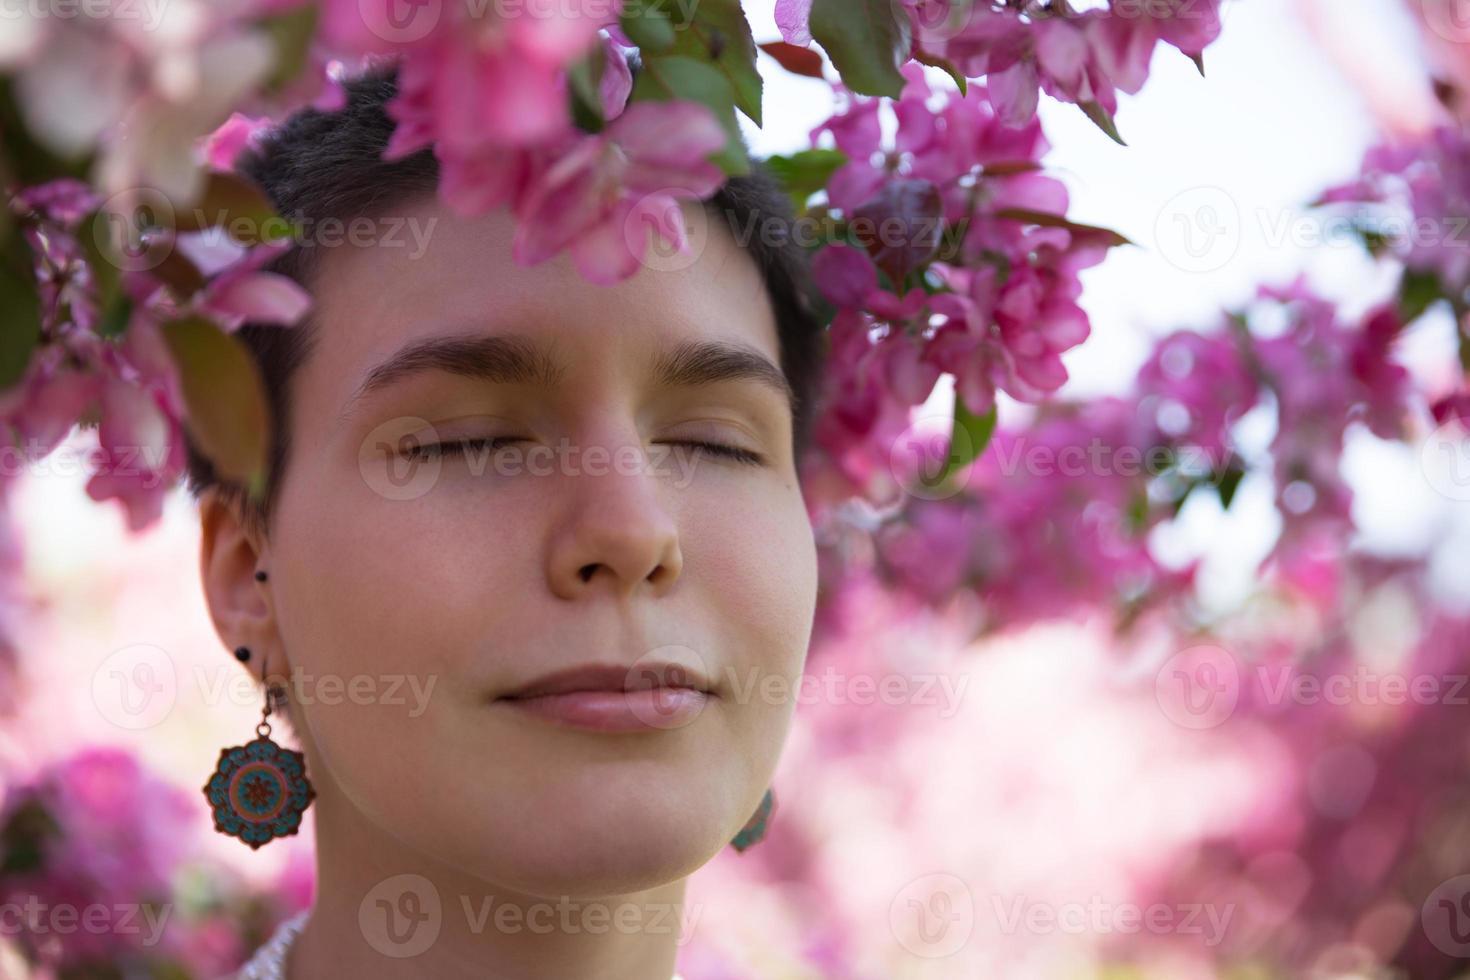 mooi meisje genieten van roze bloeiende bomen in de zomer warm foto